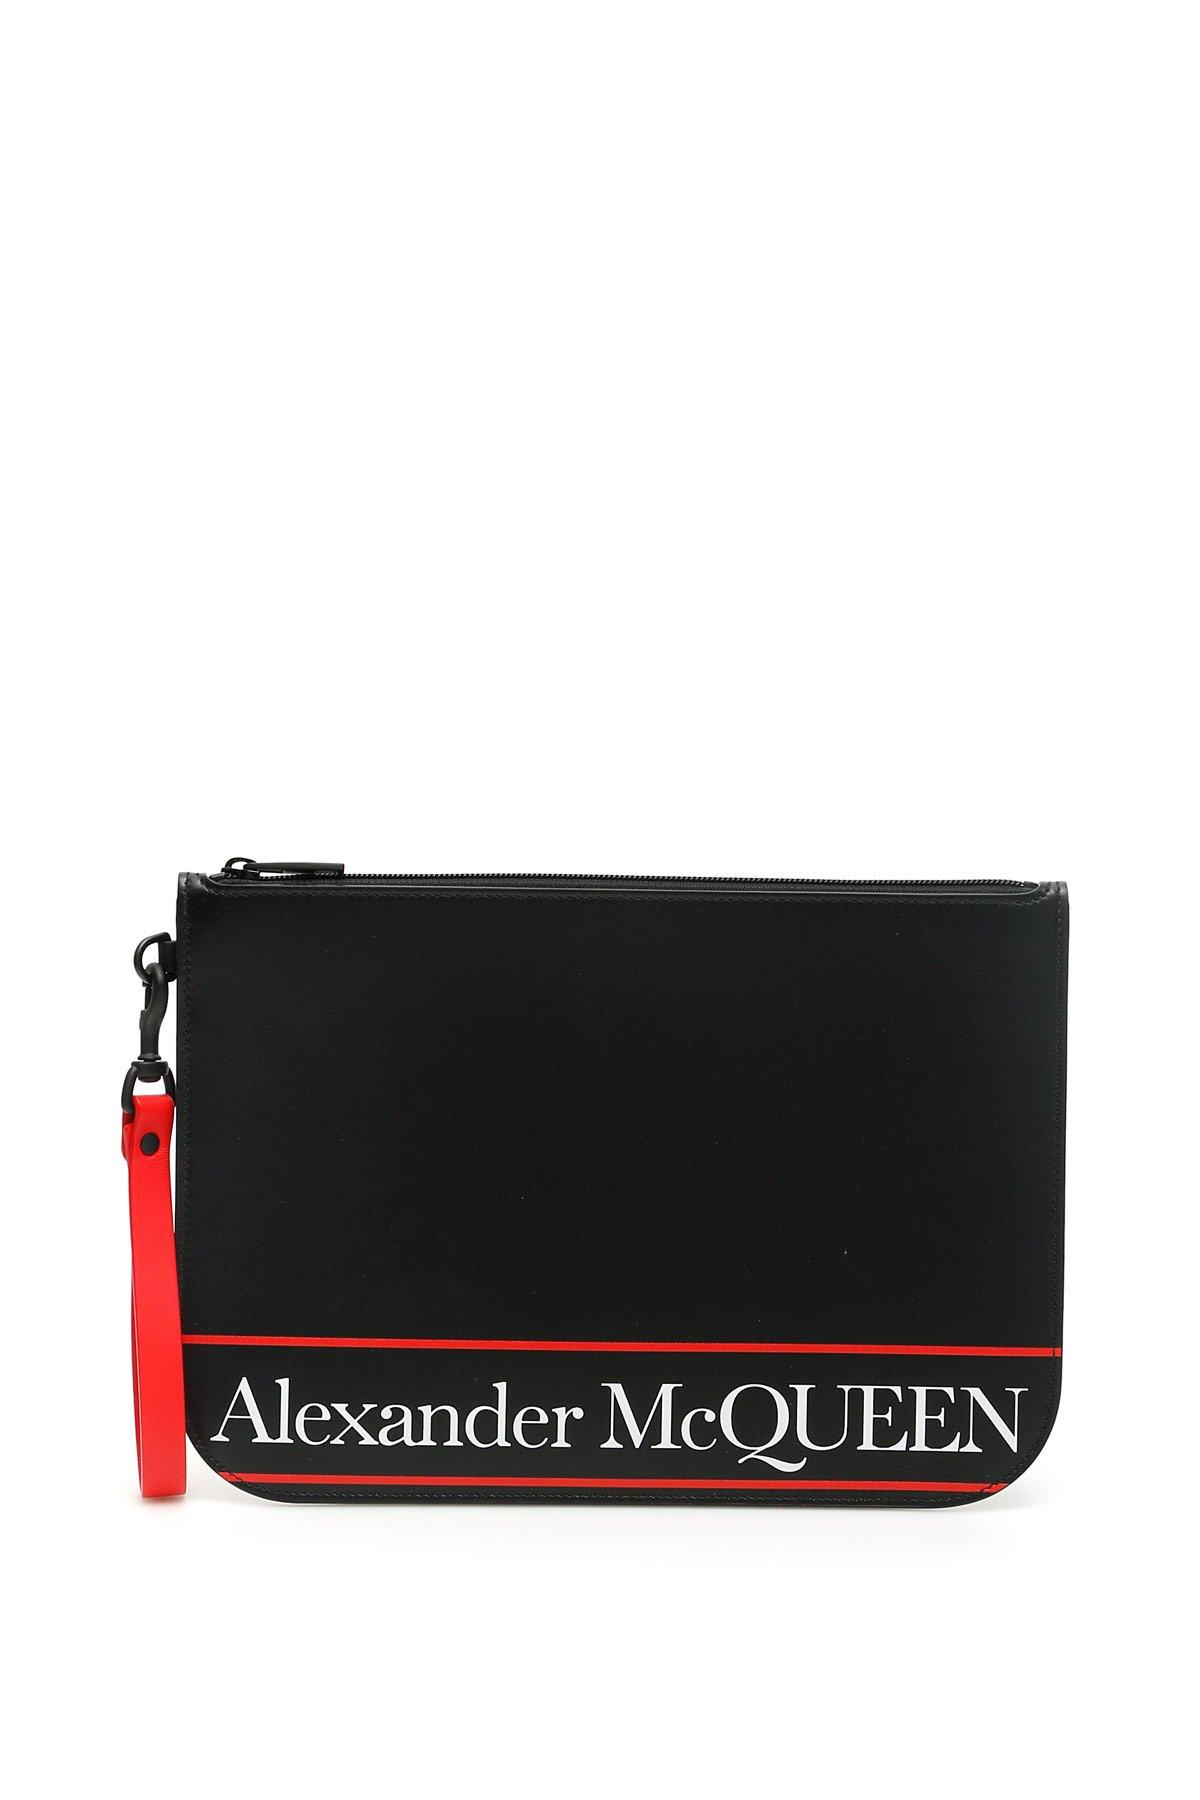 Alexander mcqueen pouch selvedge logo